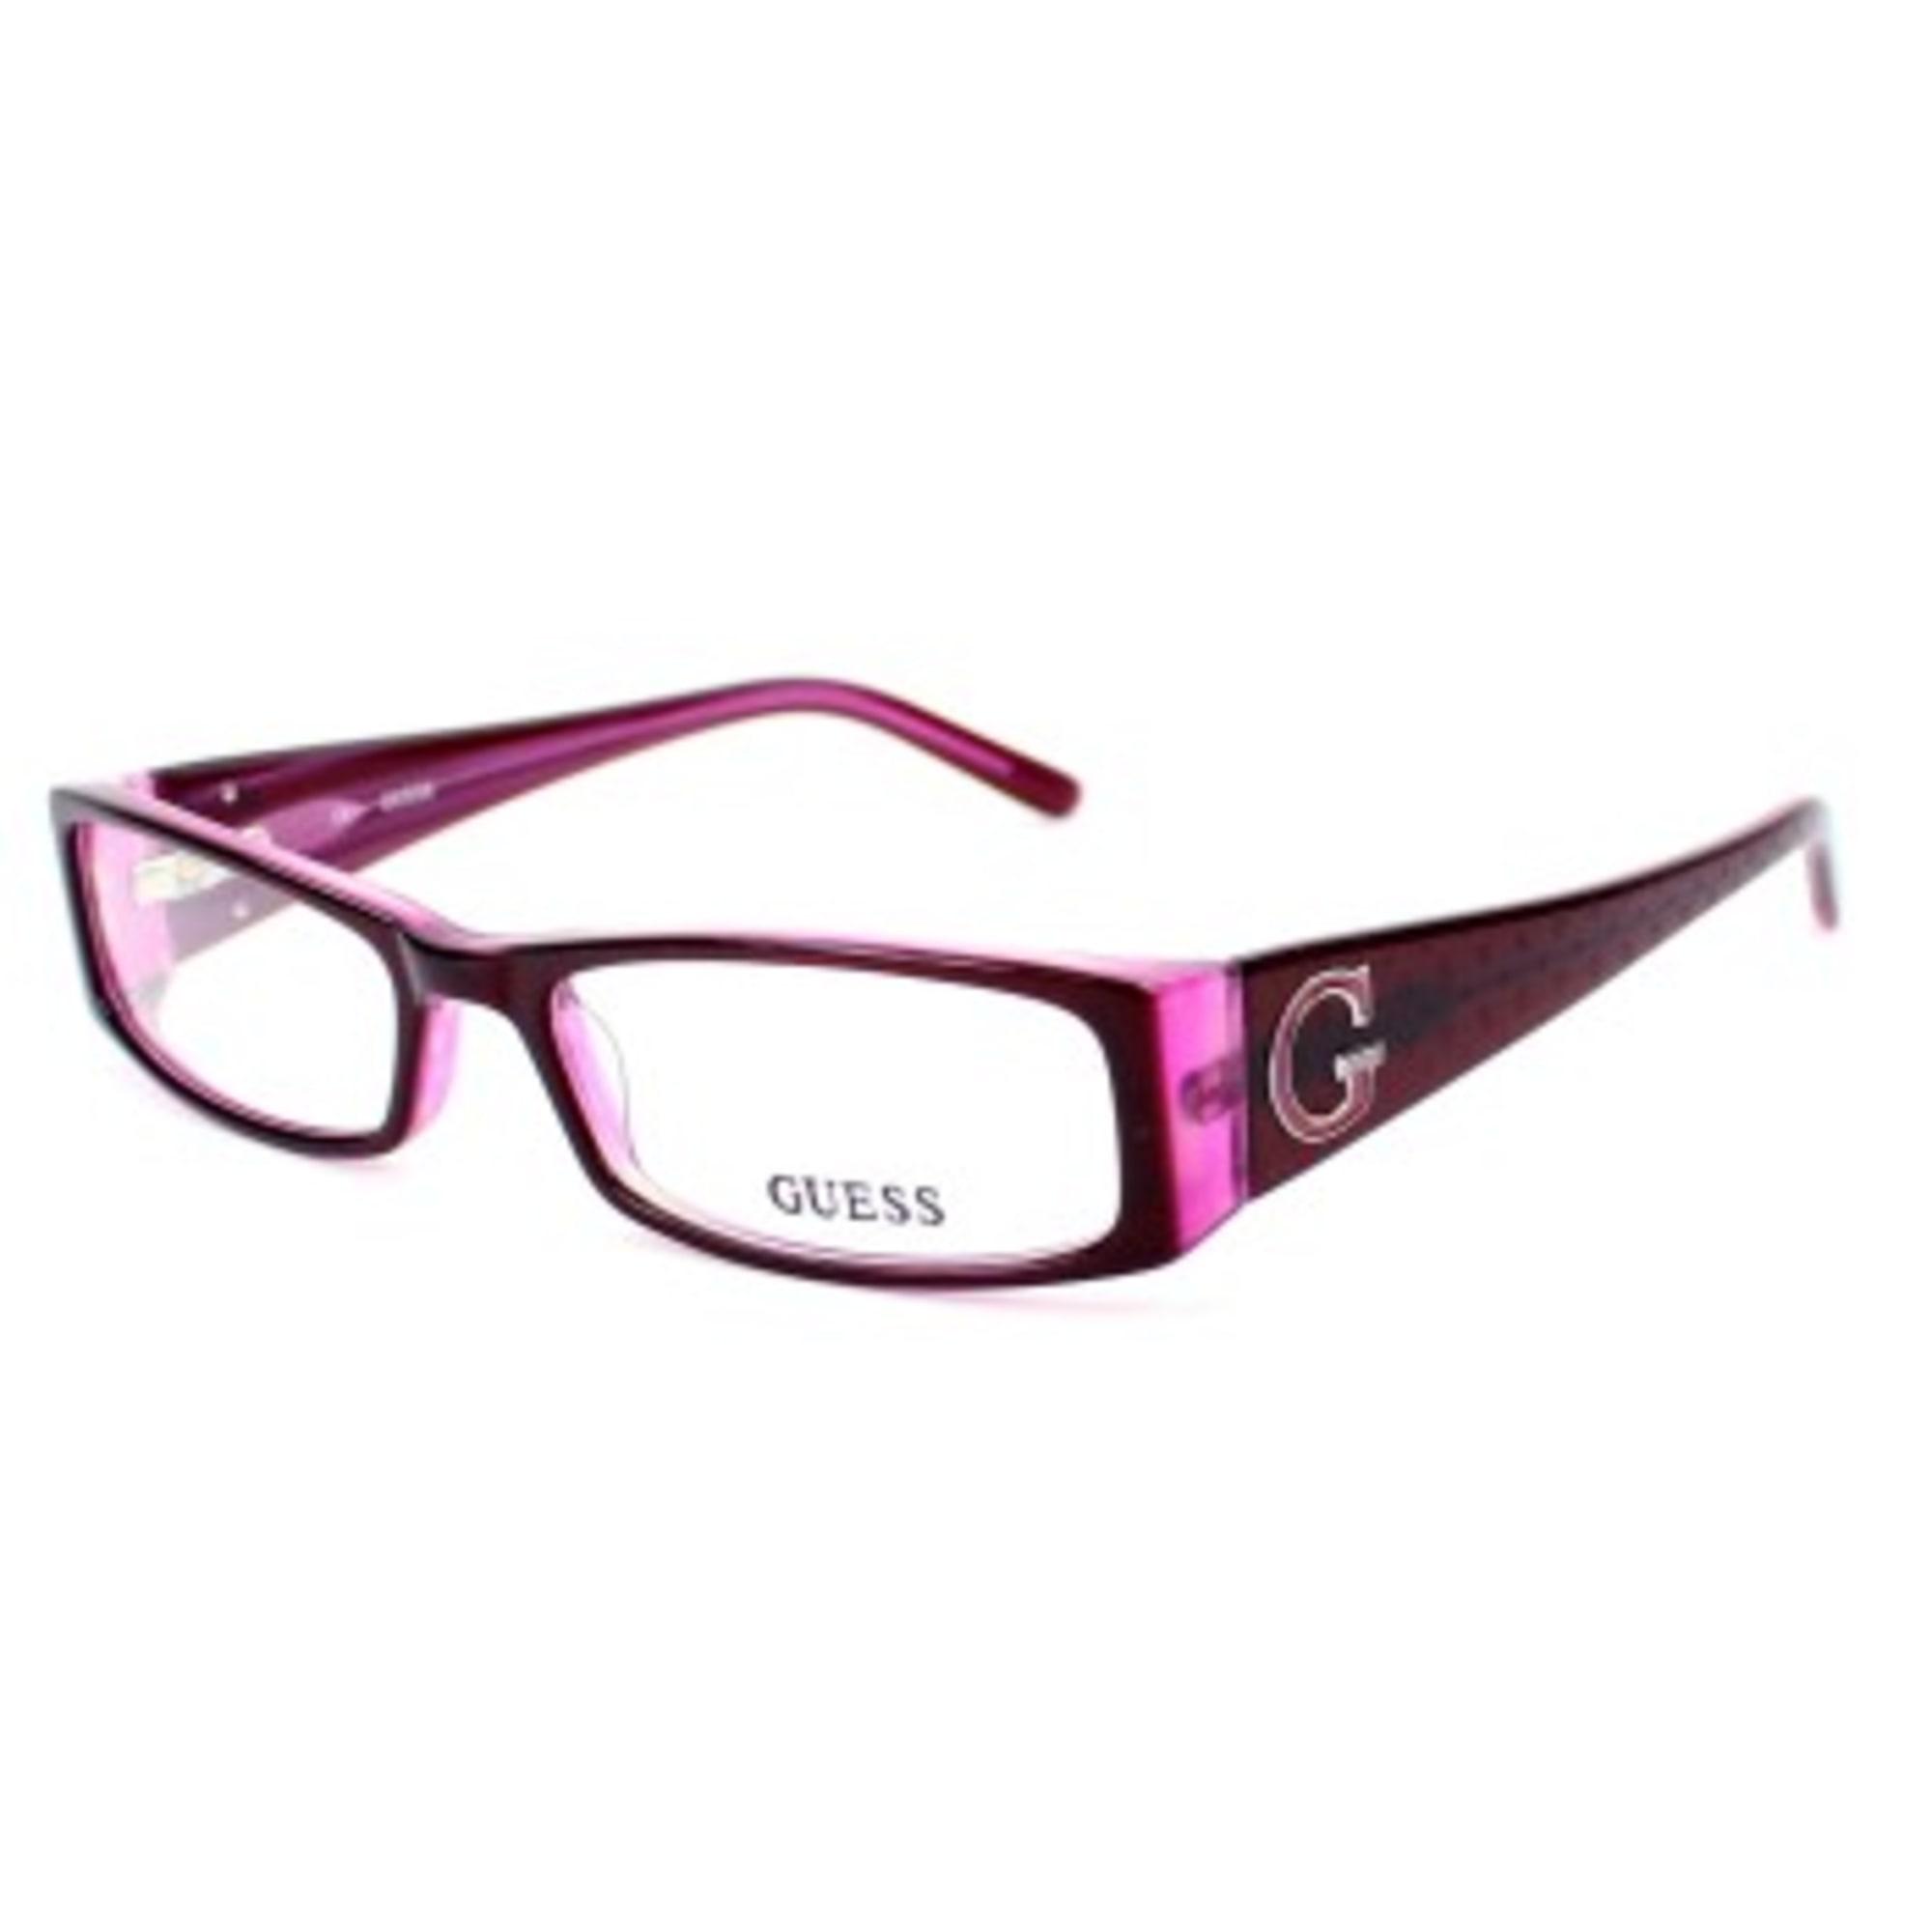 aa335372388ee6 Monture de lunettes GUESS rose vendu par Gladnana60589 - 2206266